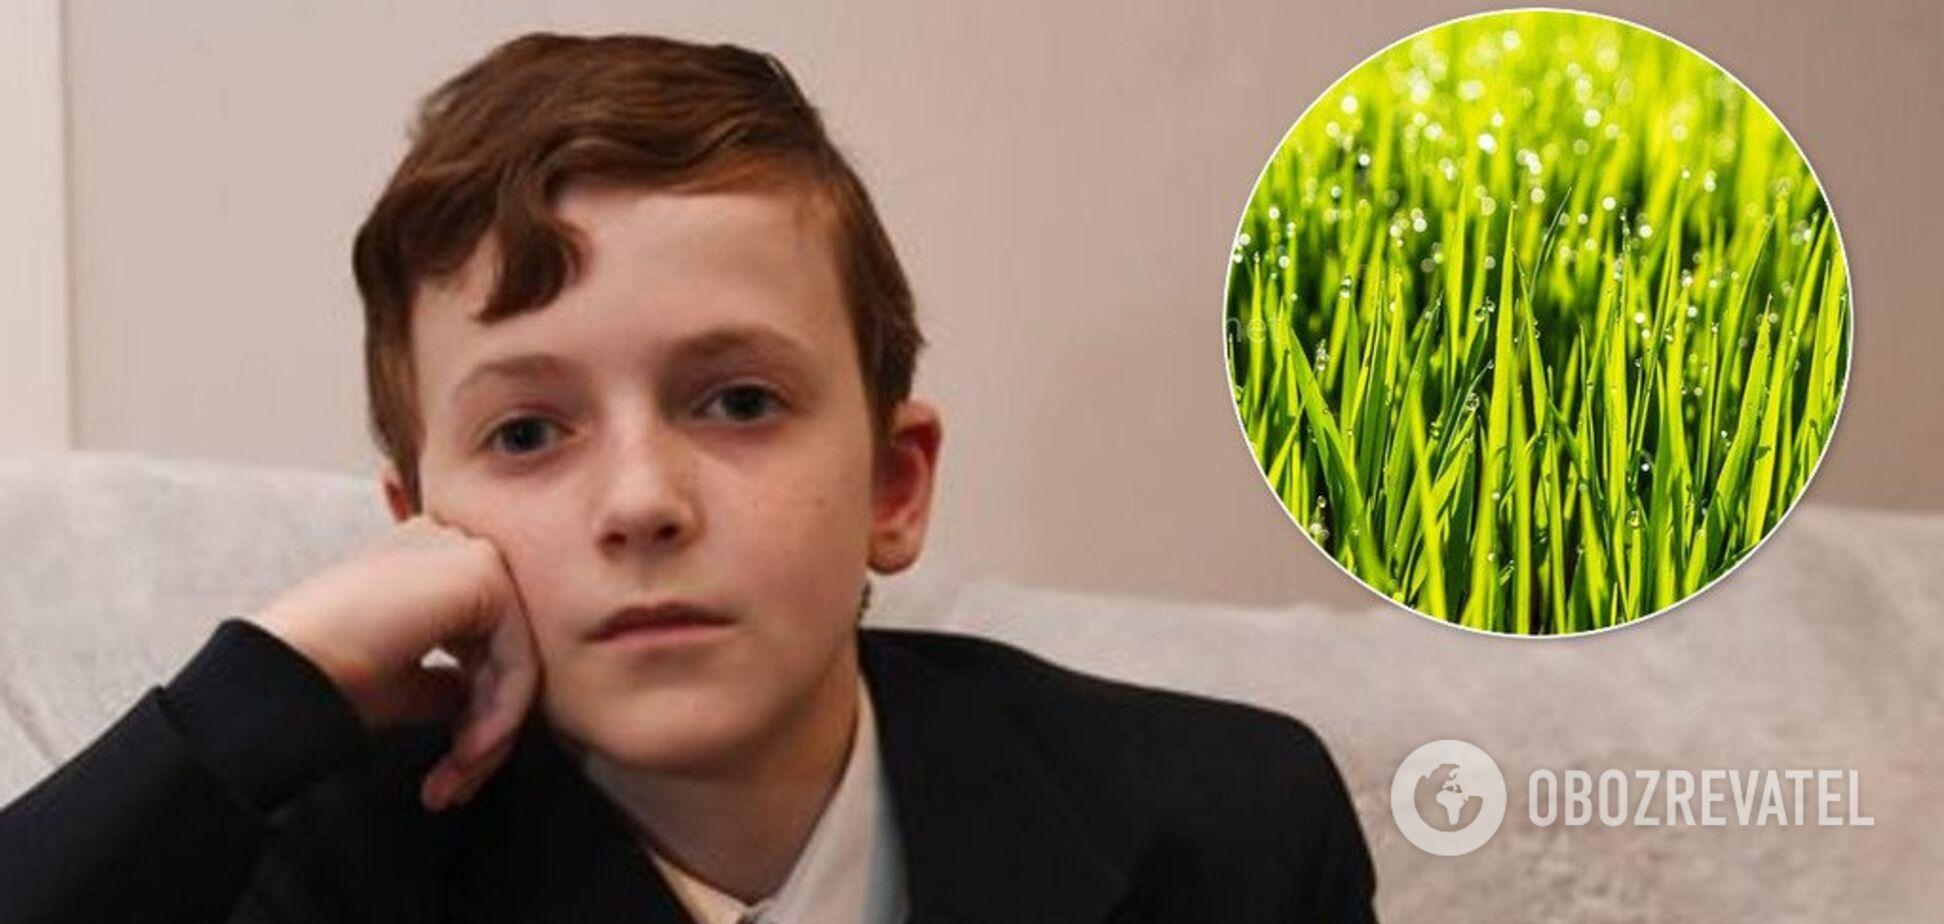 В Британии мальчик-веган пострадал от буллинга в школе